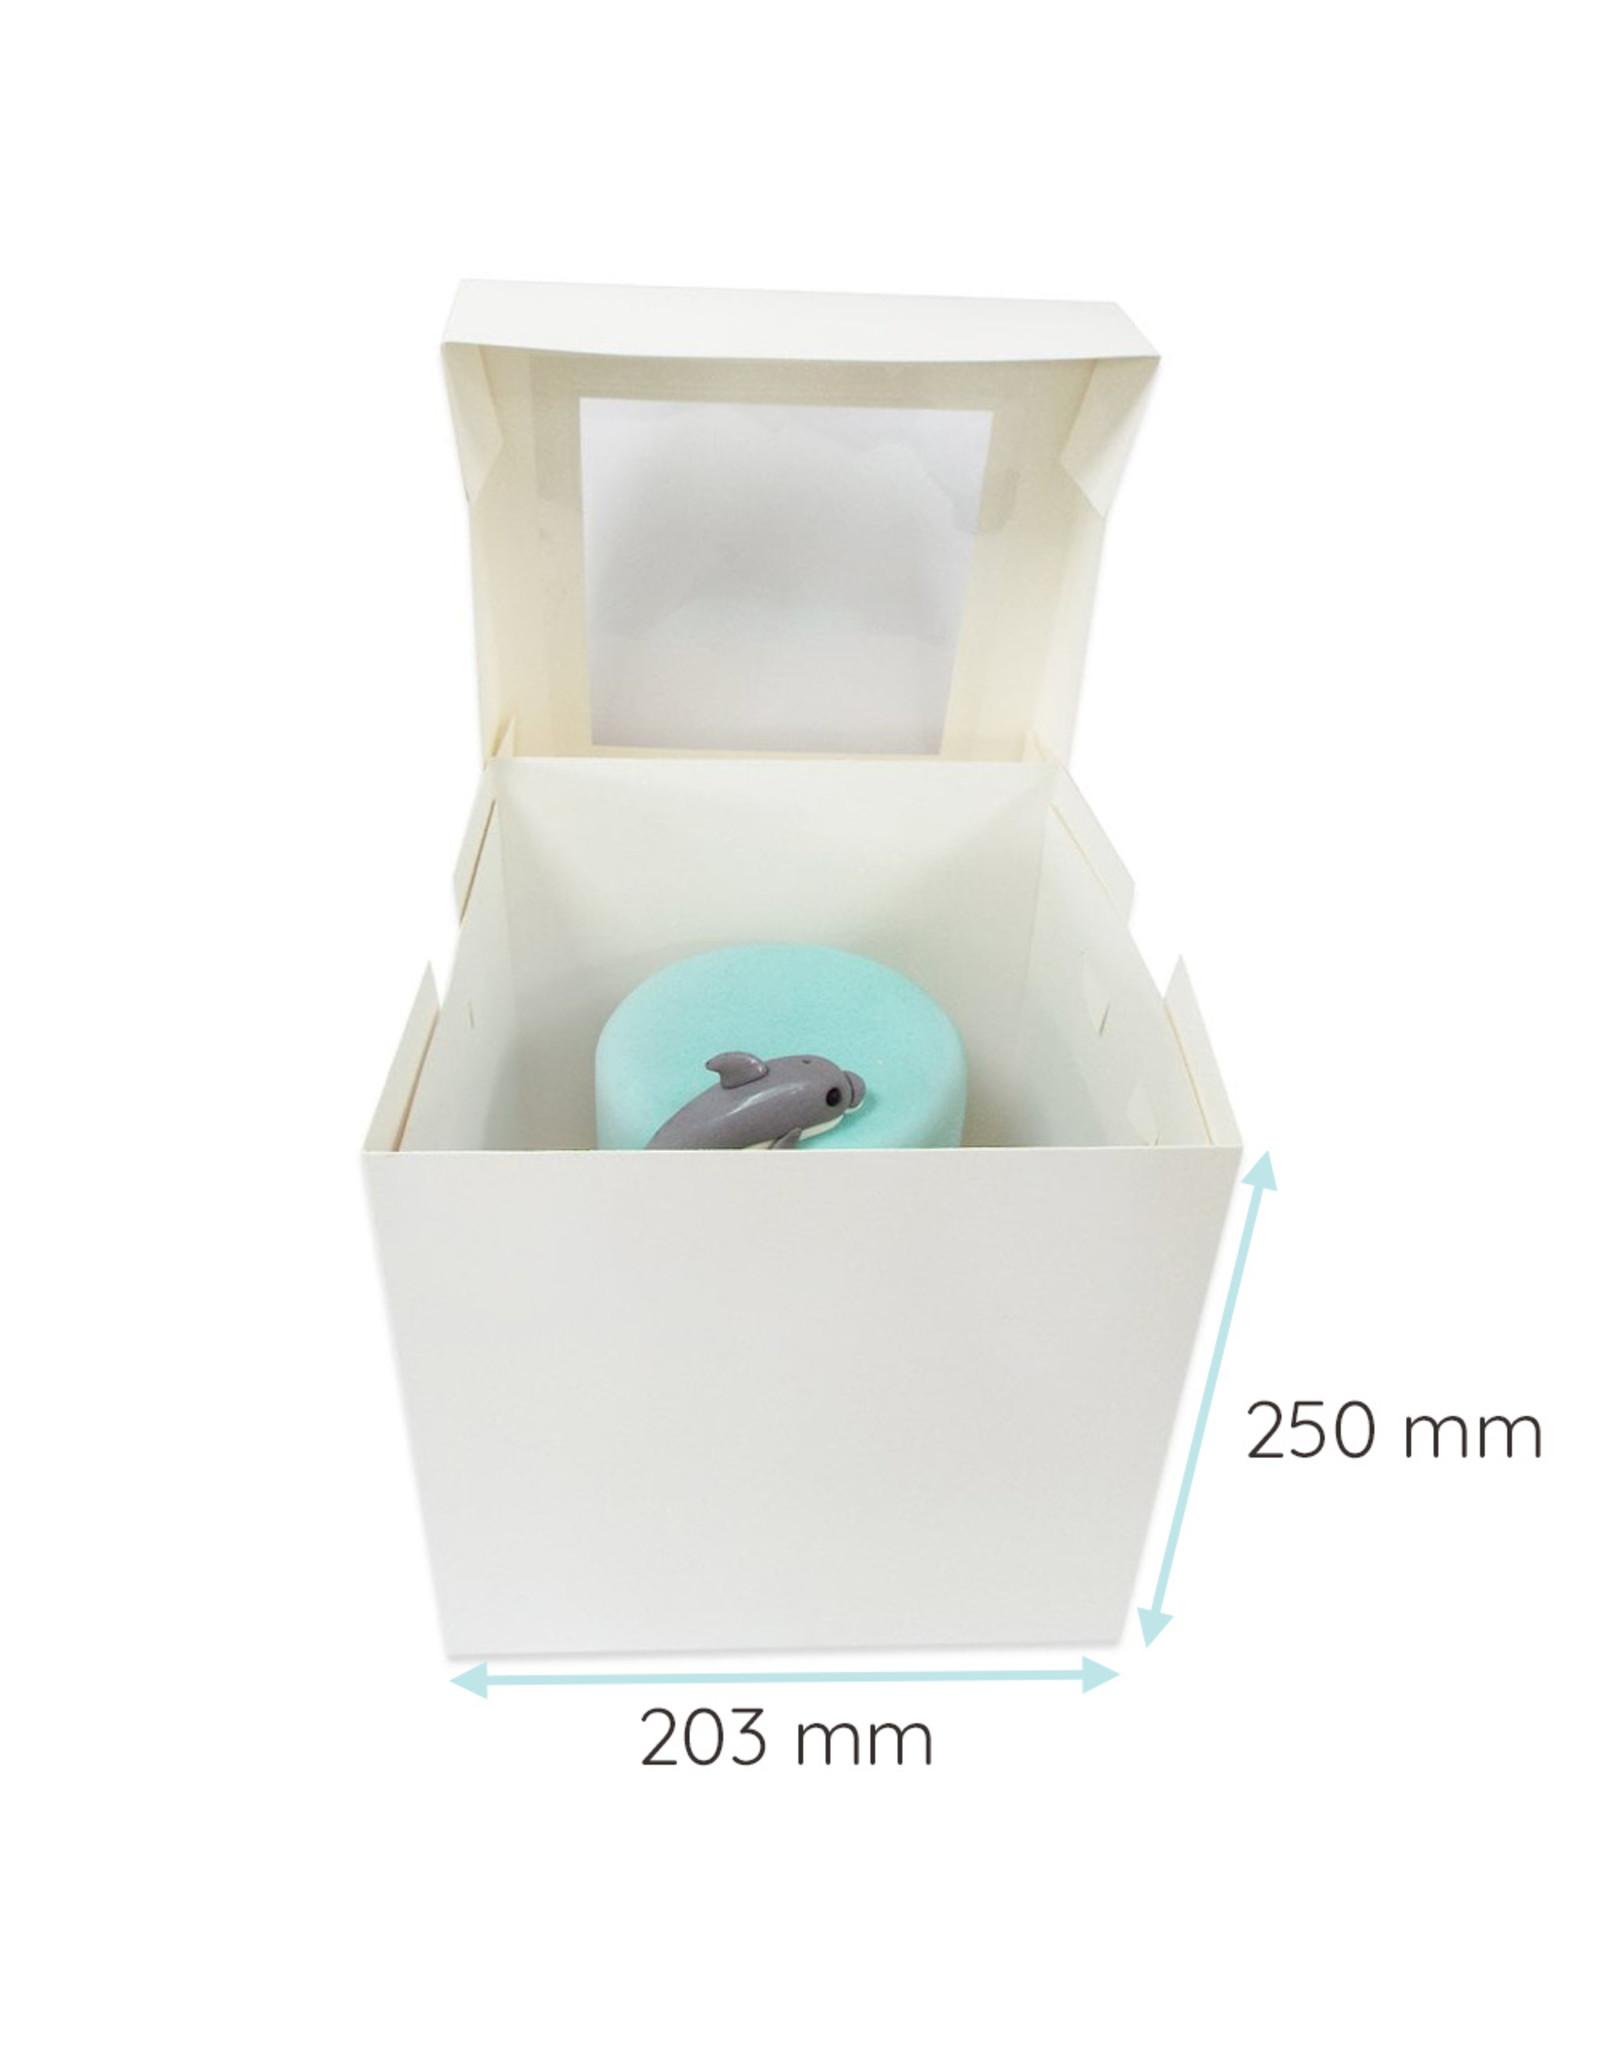 Tall cake box - 203 x 203 x 250 mm (per 50 pieces)